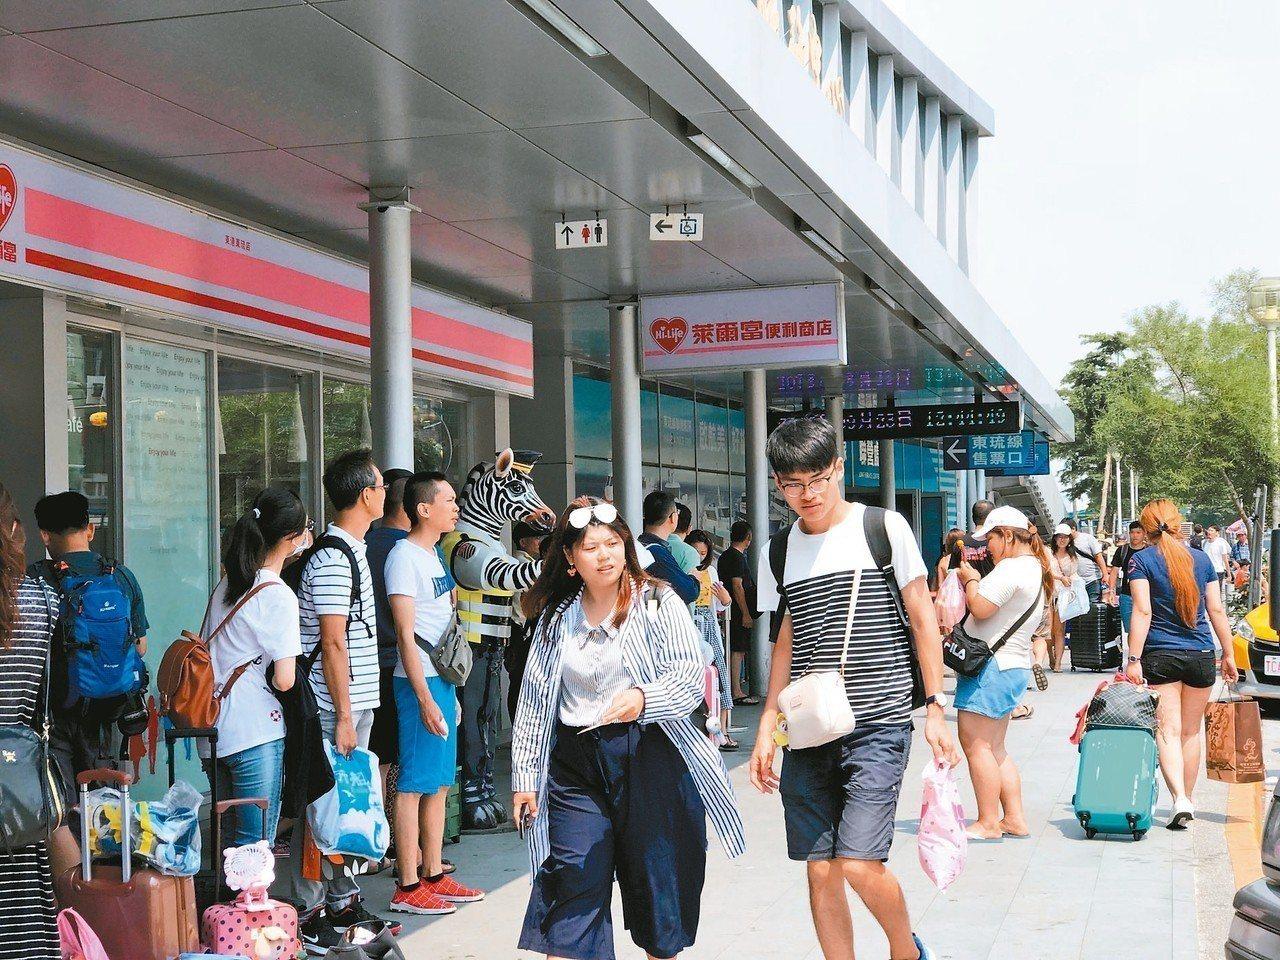 東琉線候船大廳上午就開始湧現旅客人潮。 記者蔣繼平/攝影